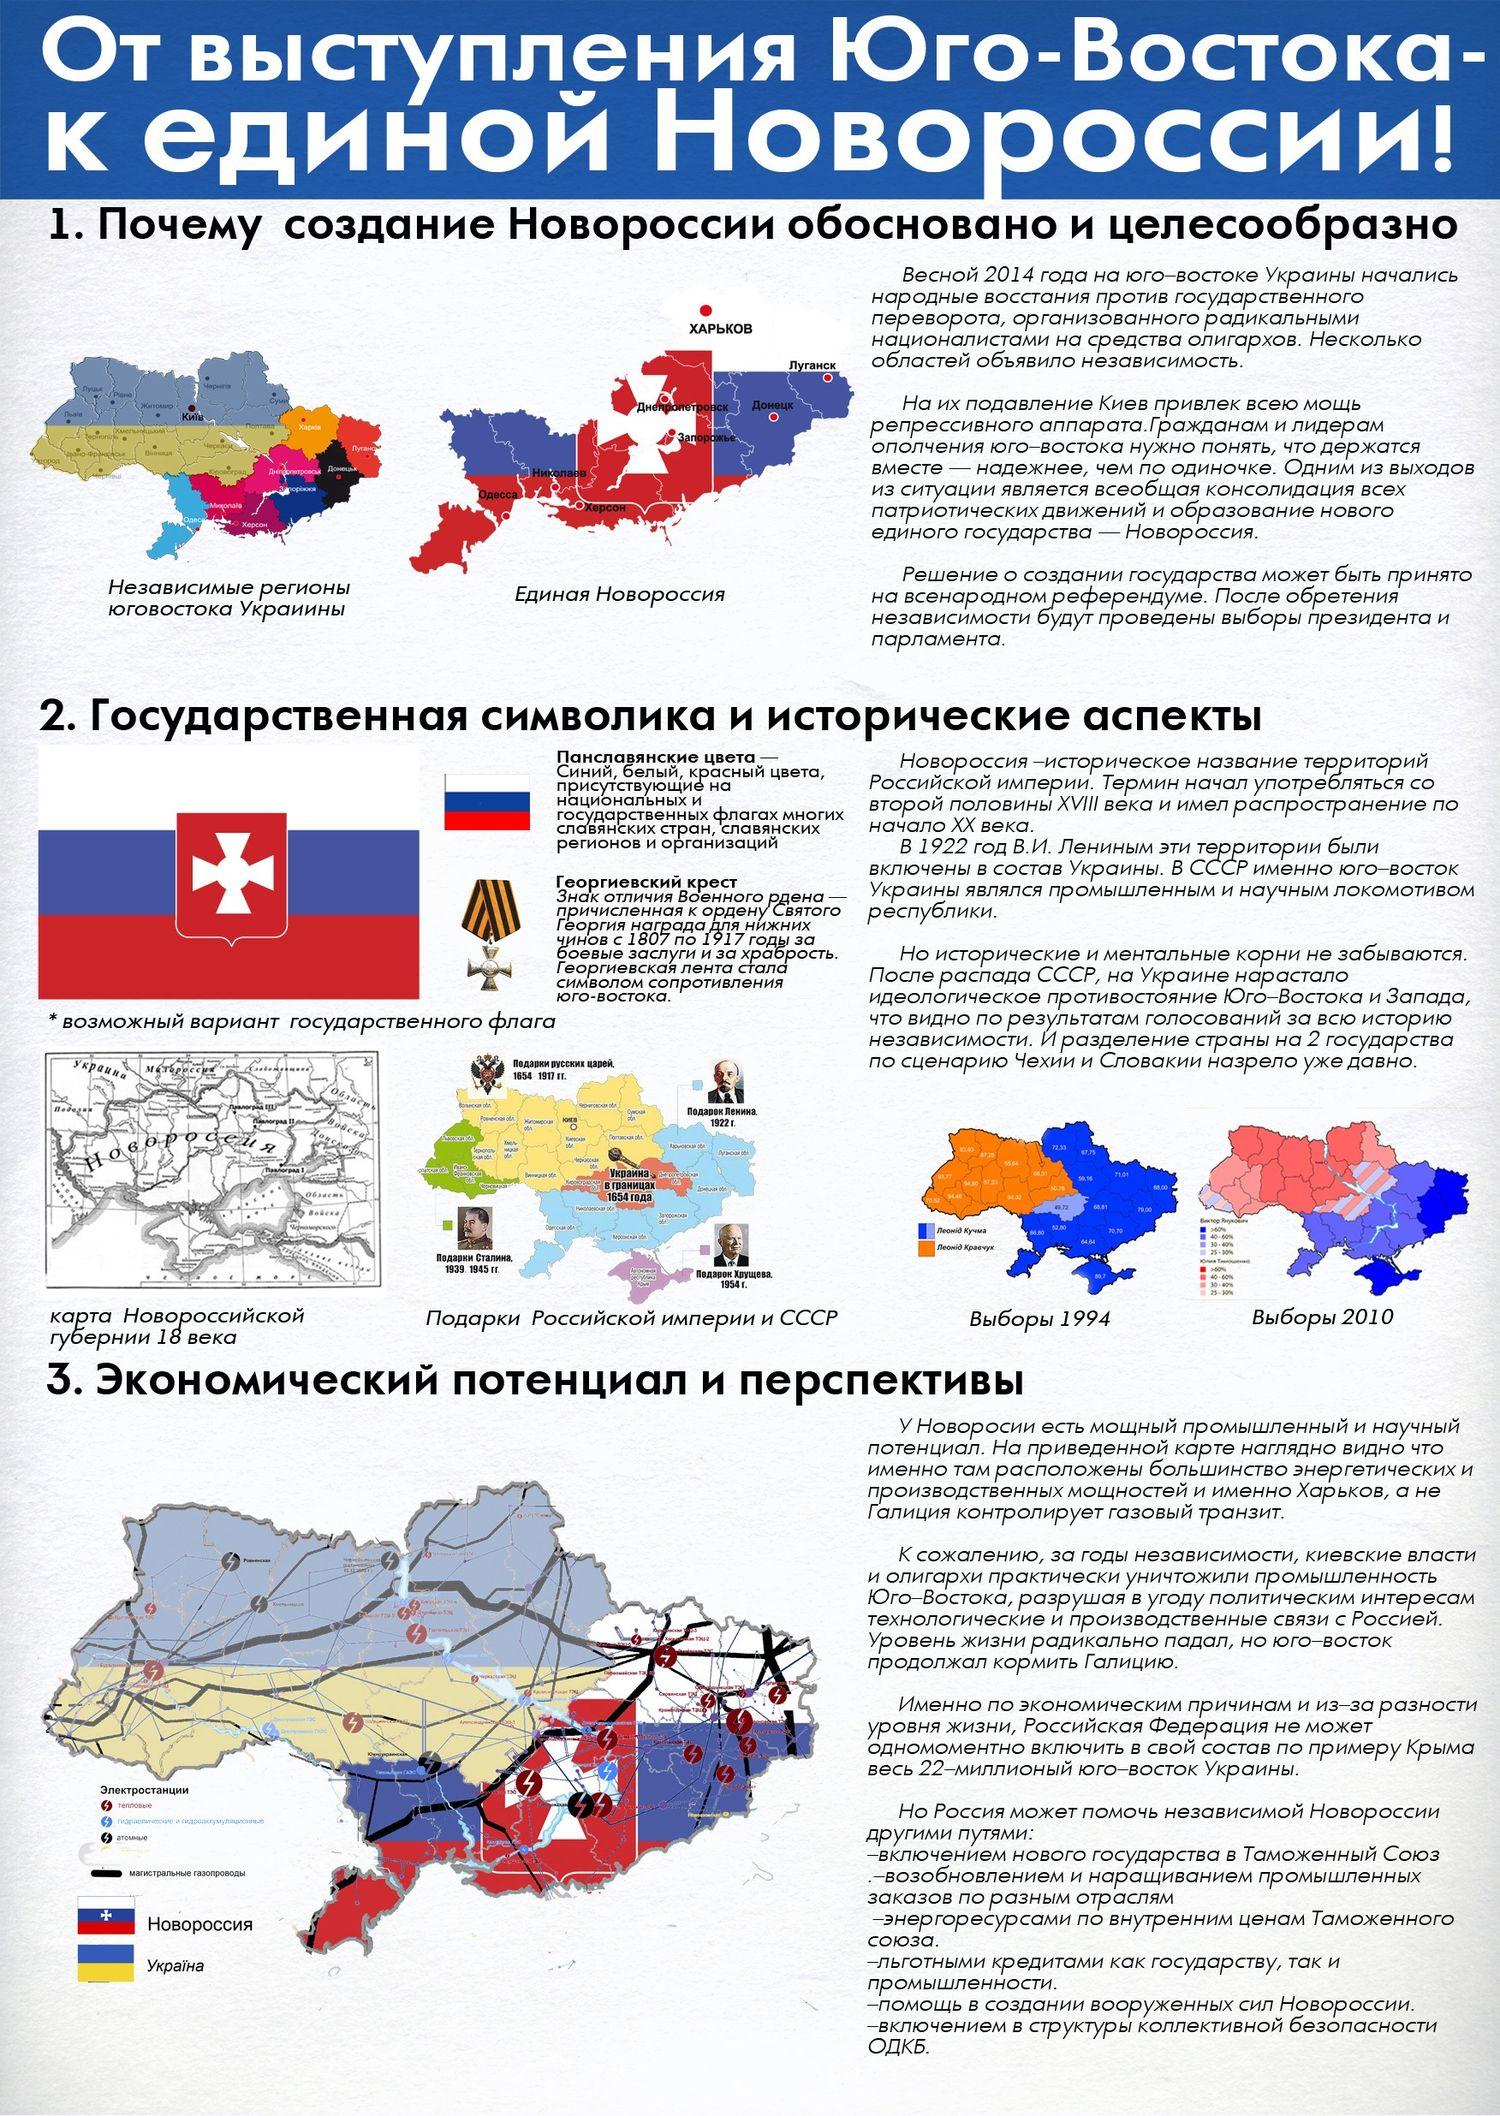 война на юго востоке украины